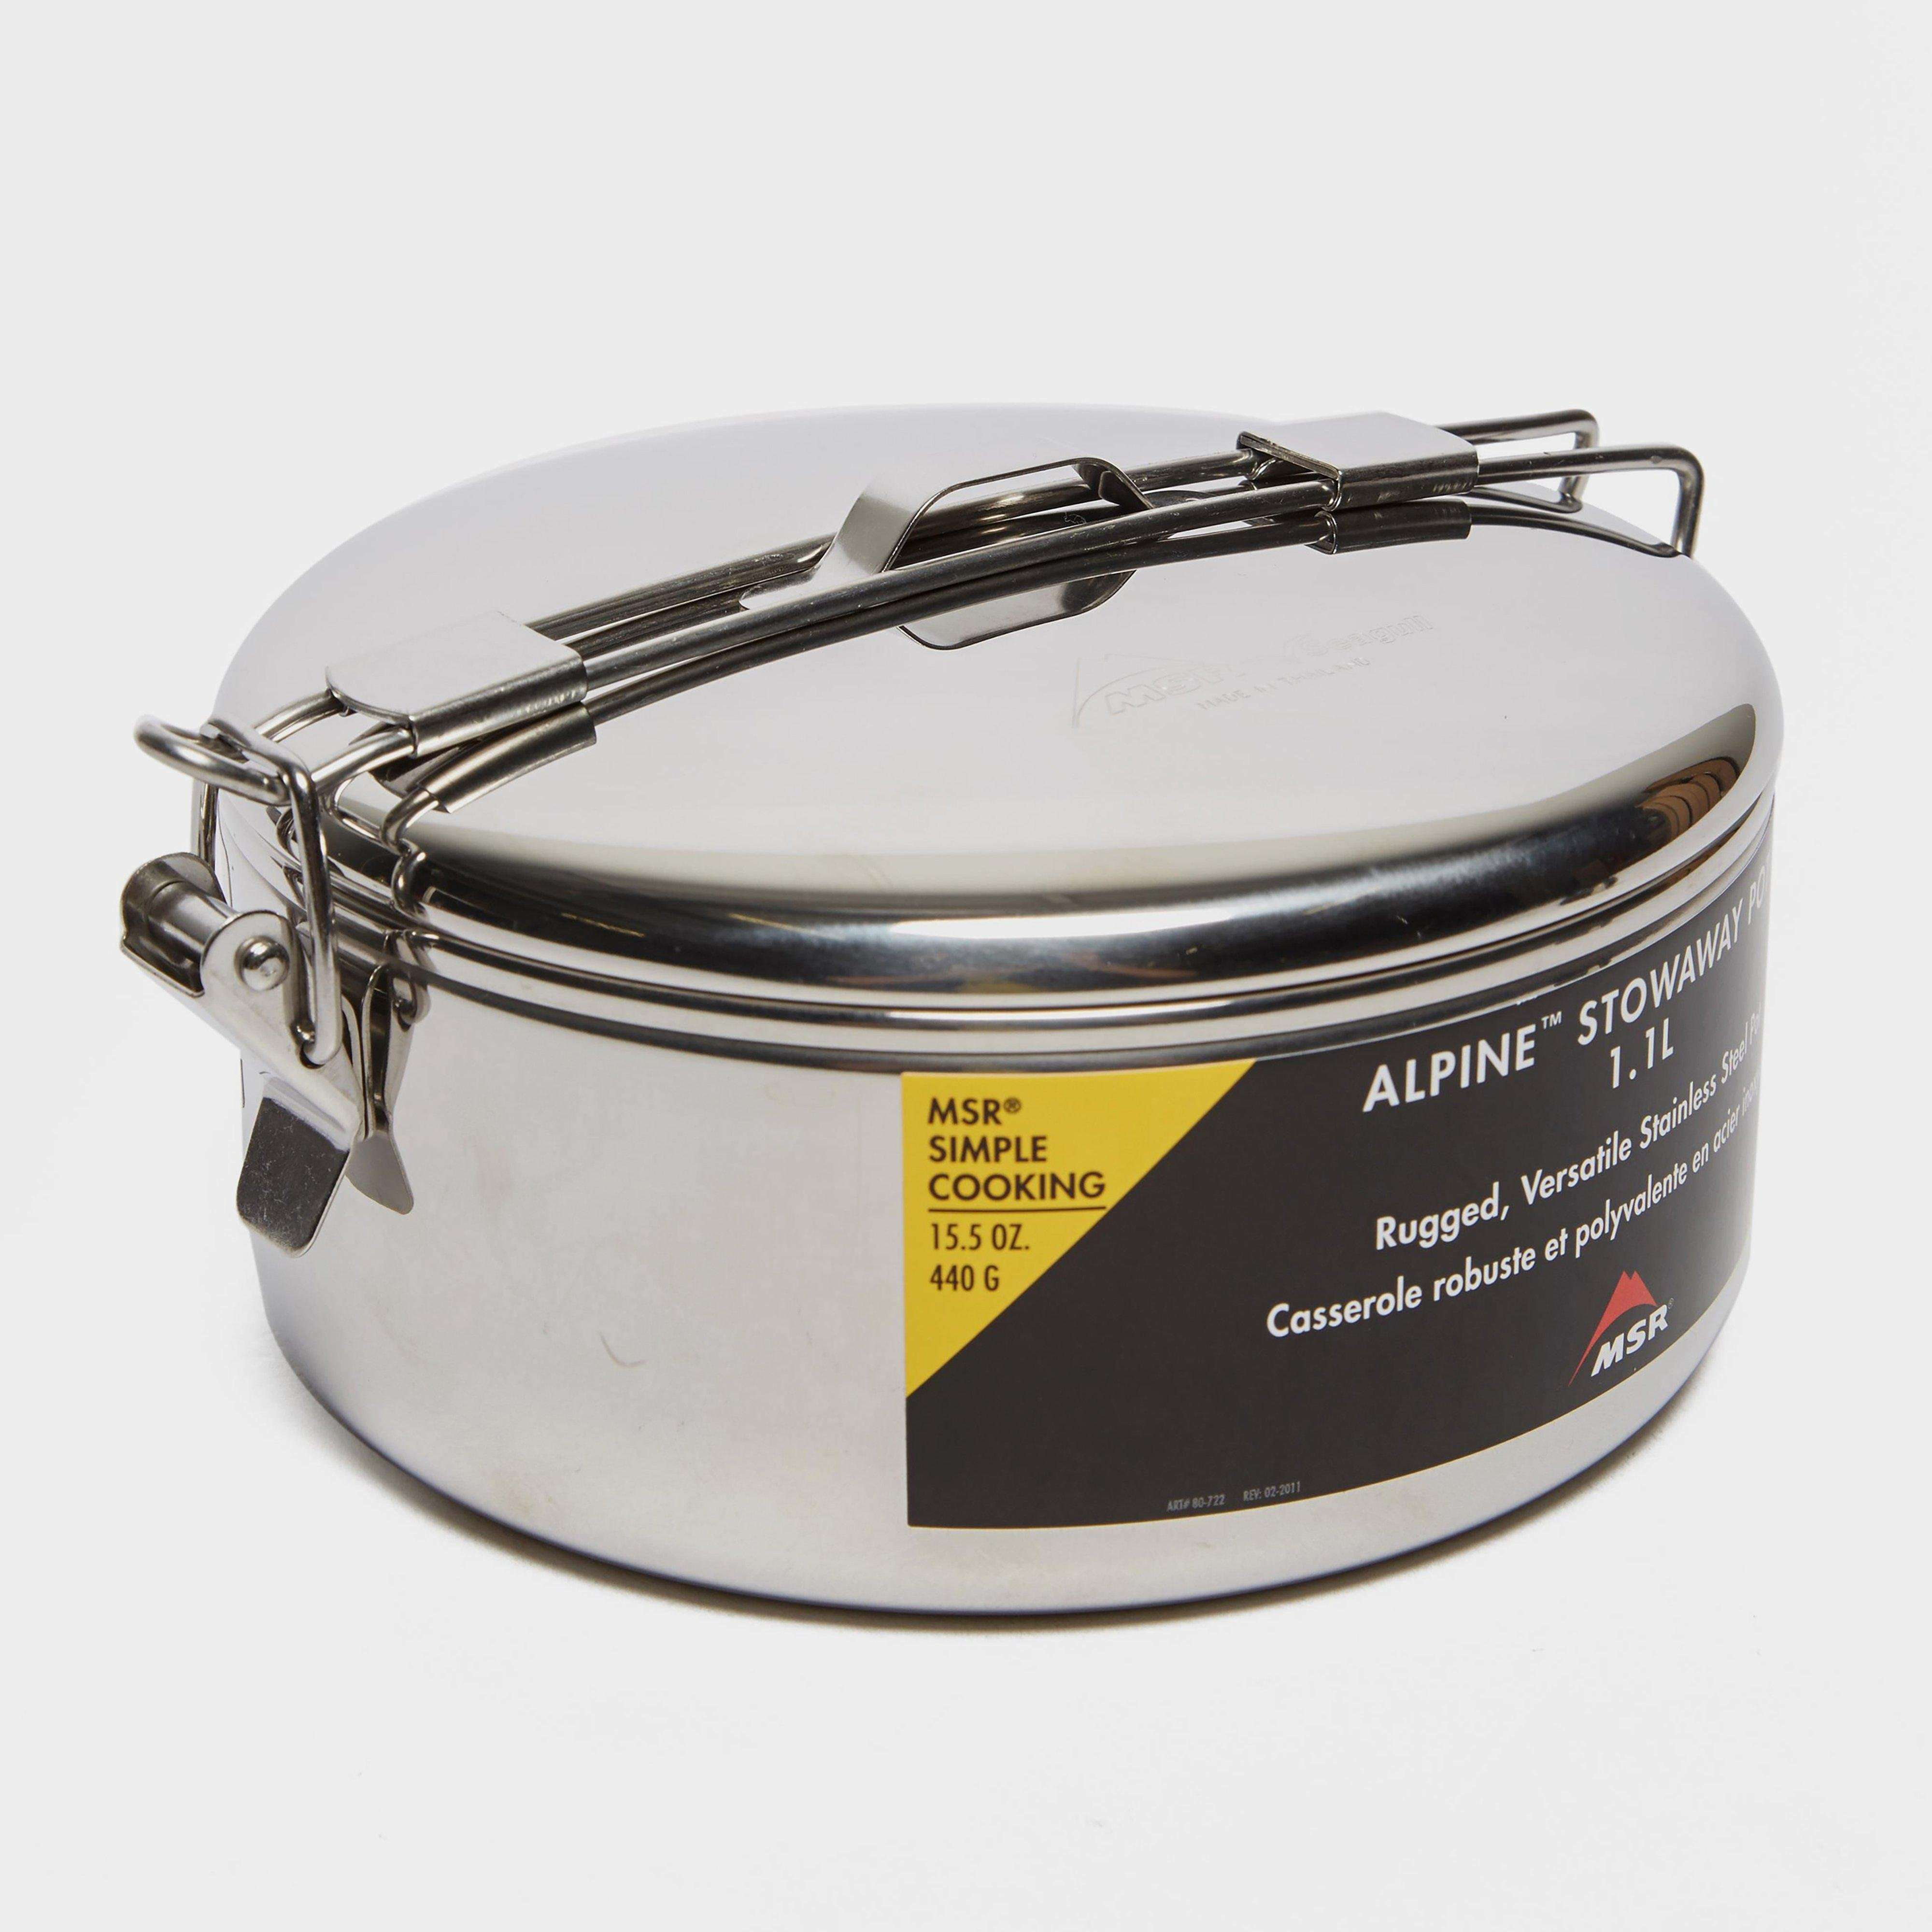 MSR Alpine Stowaway Pot